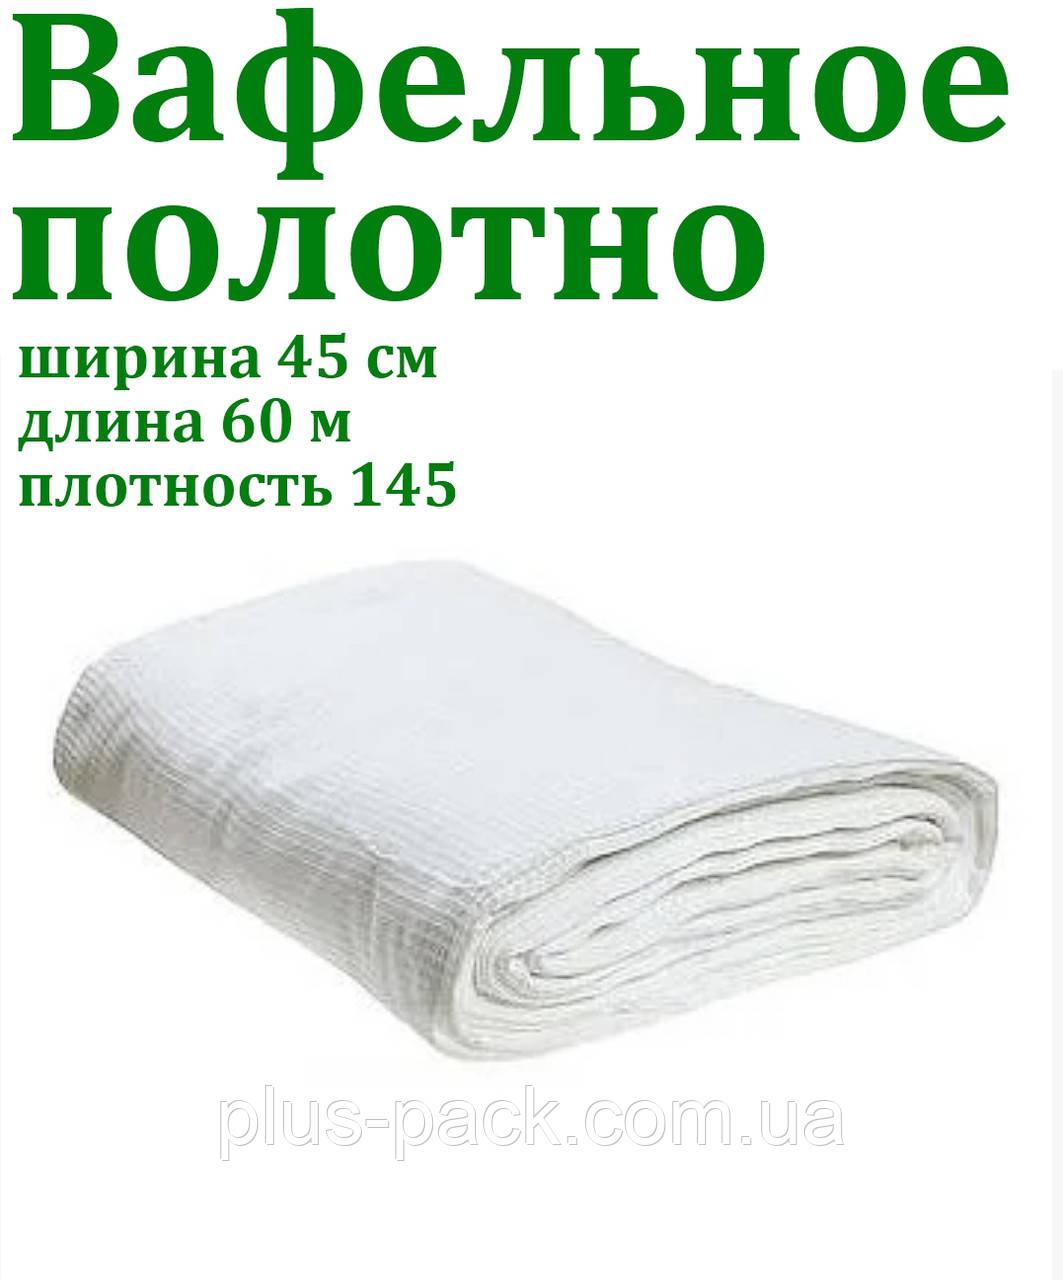 Ткань для вафельных полотенец.  Плотность 145г/м2.